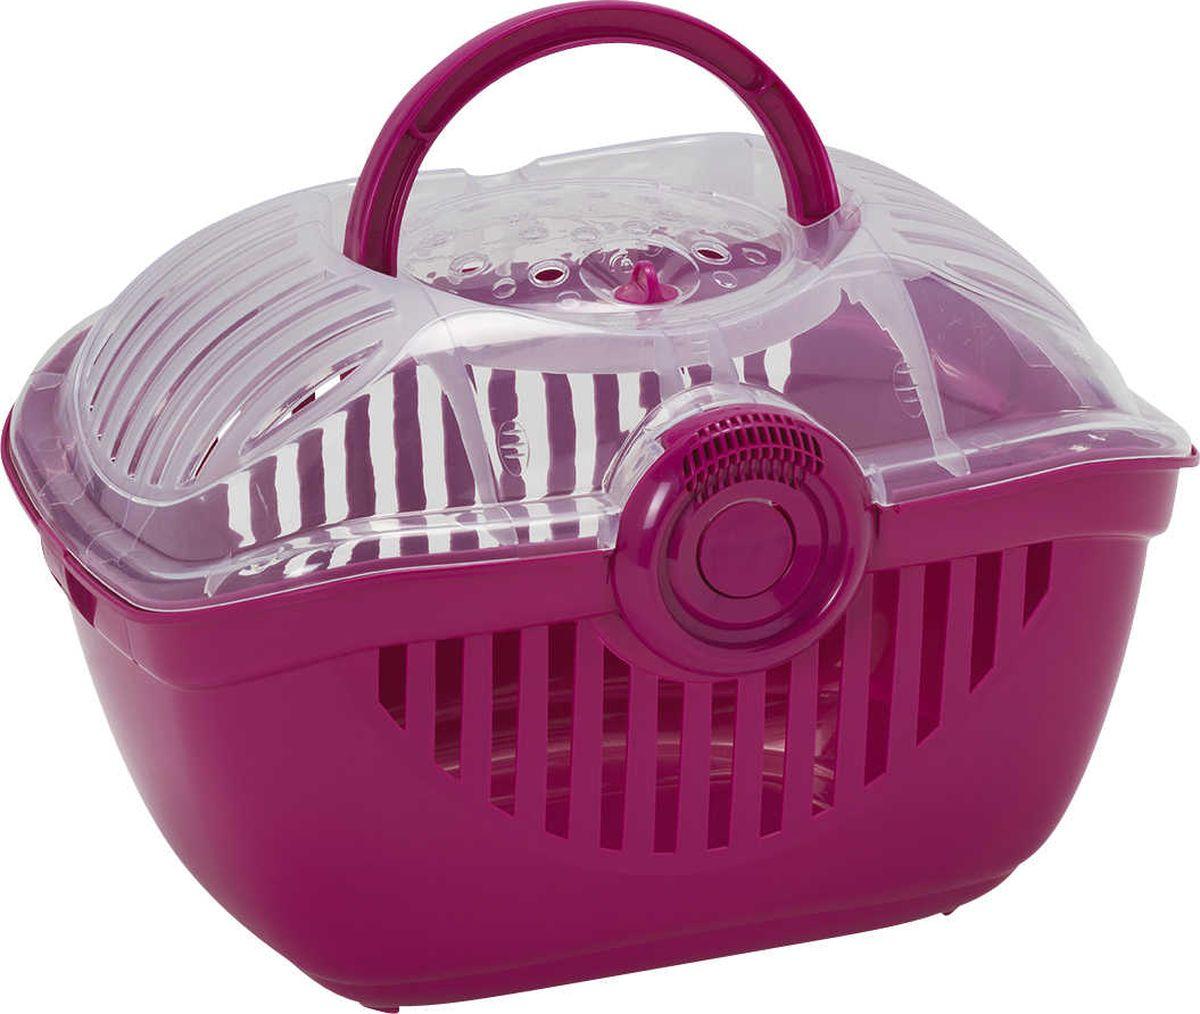 Переноска для животных Moderna Top Runner, средняя, цвет: ярко-розовый, 39 x 29 x 25 см миска для животных moderna trendy dinner люксори пет 27 x 16 5 x 6 см